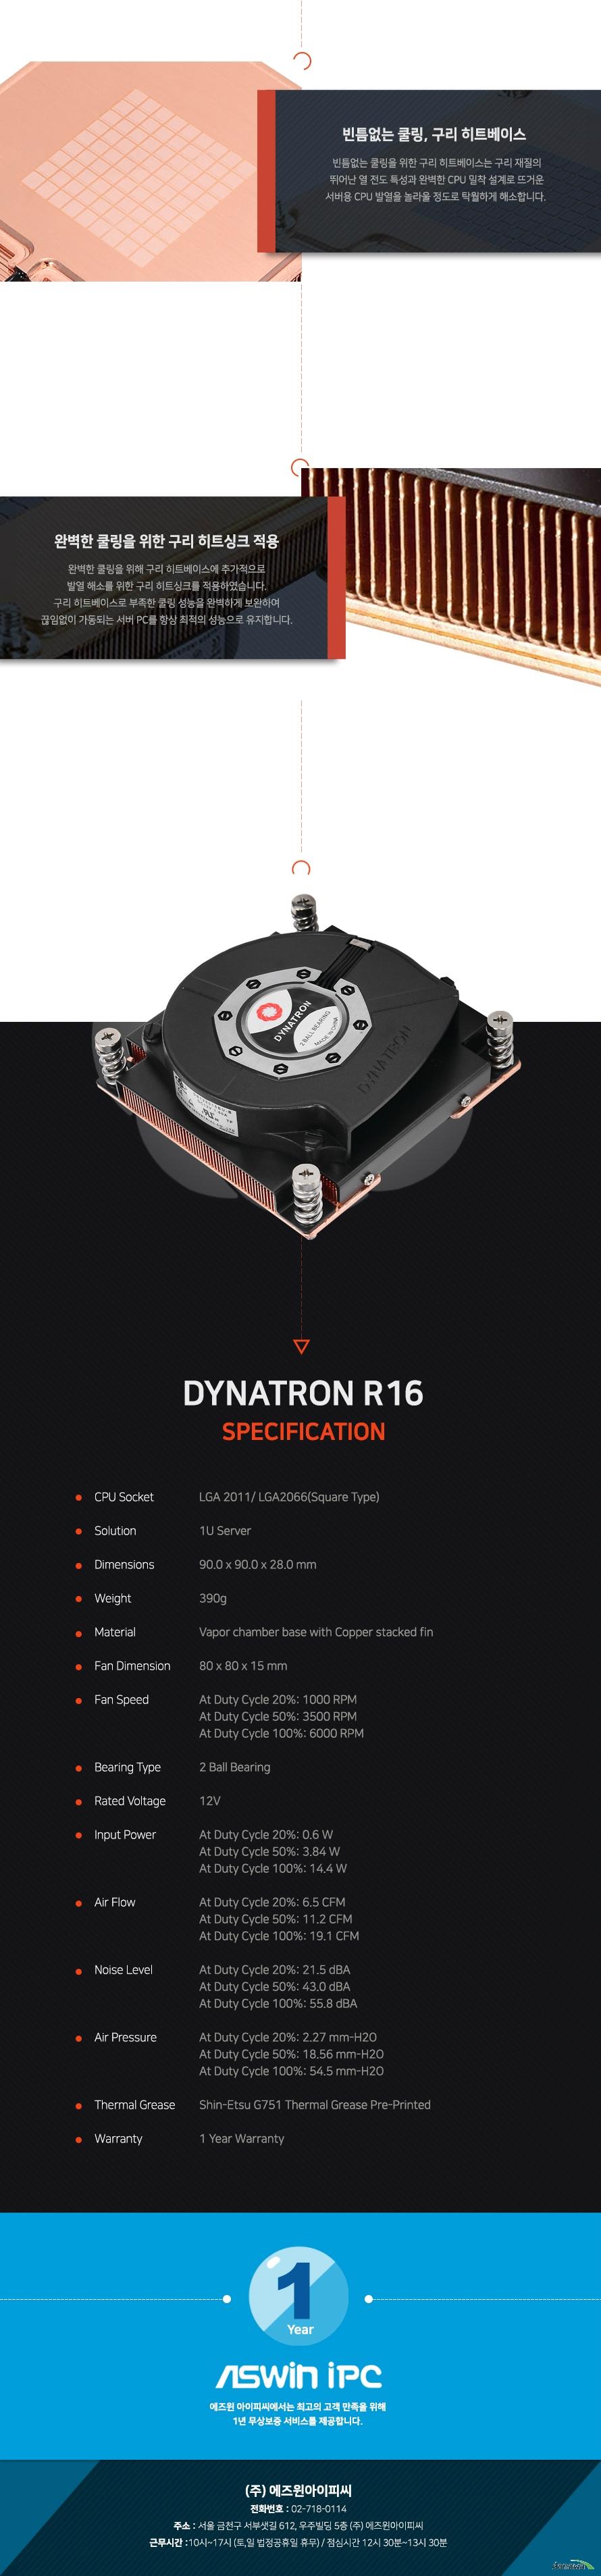 DYNATRON R16